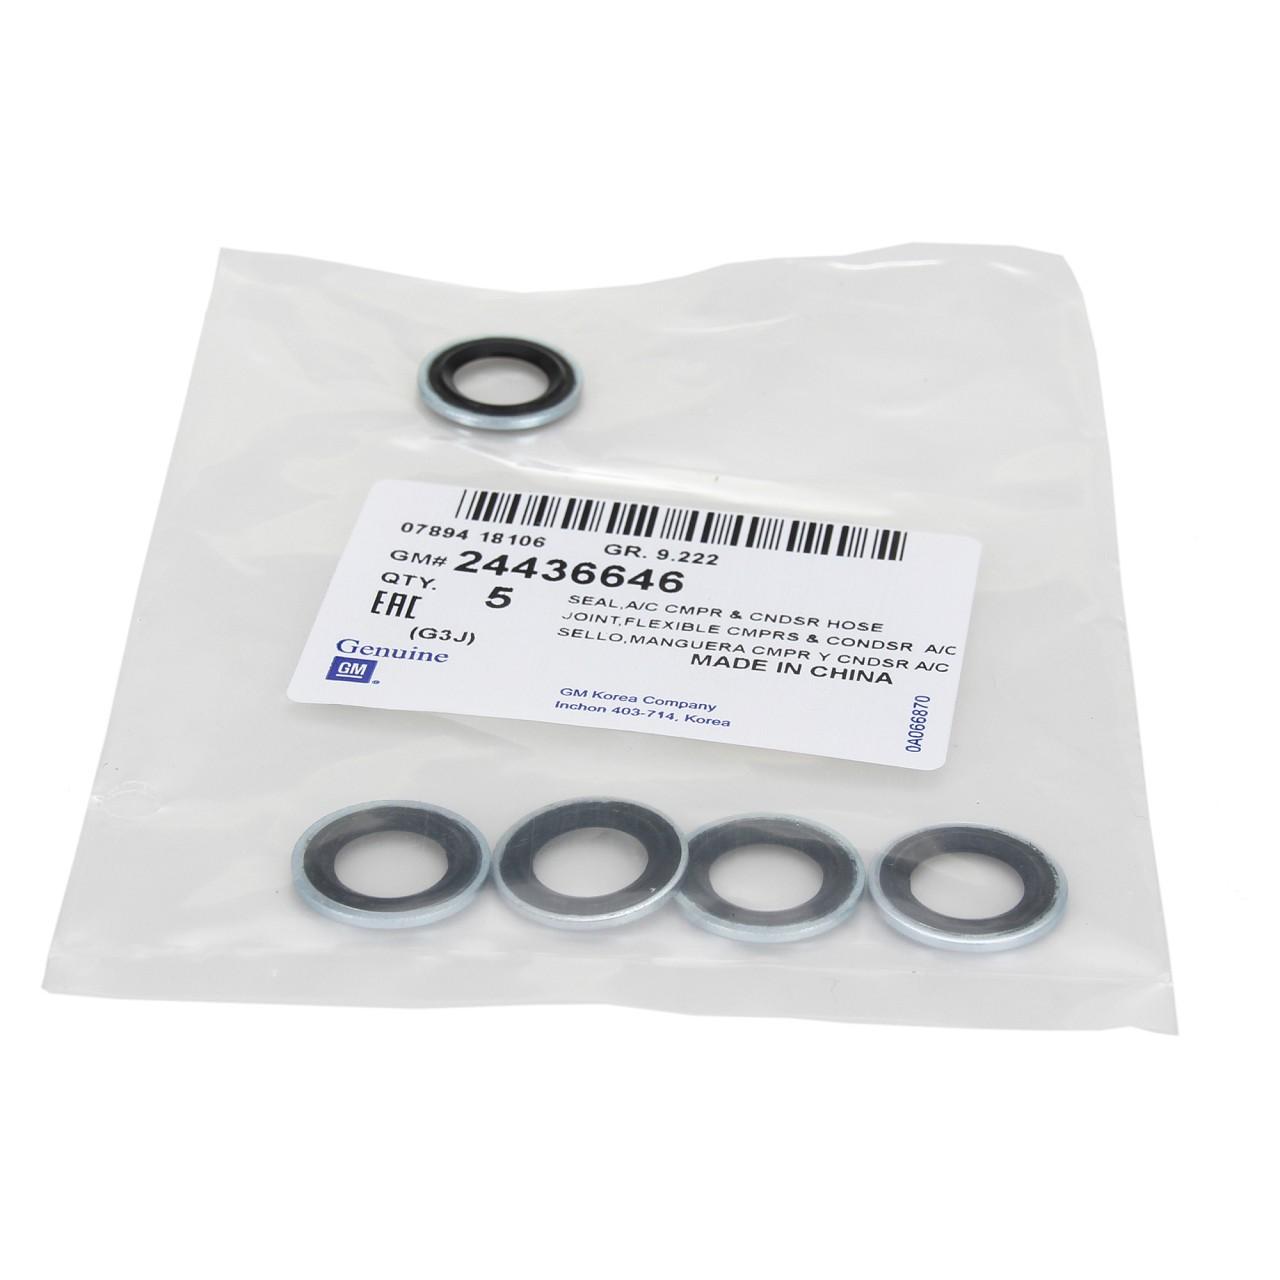 ORIGINAL Opel Dichtung 6850803 Dichtring Kältemittelleitung (1 Stück) 24436646